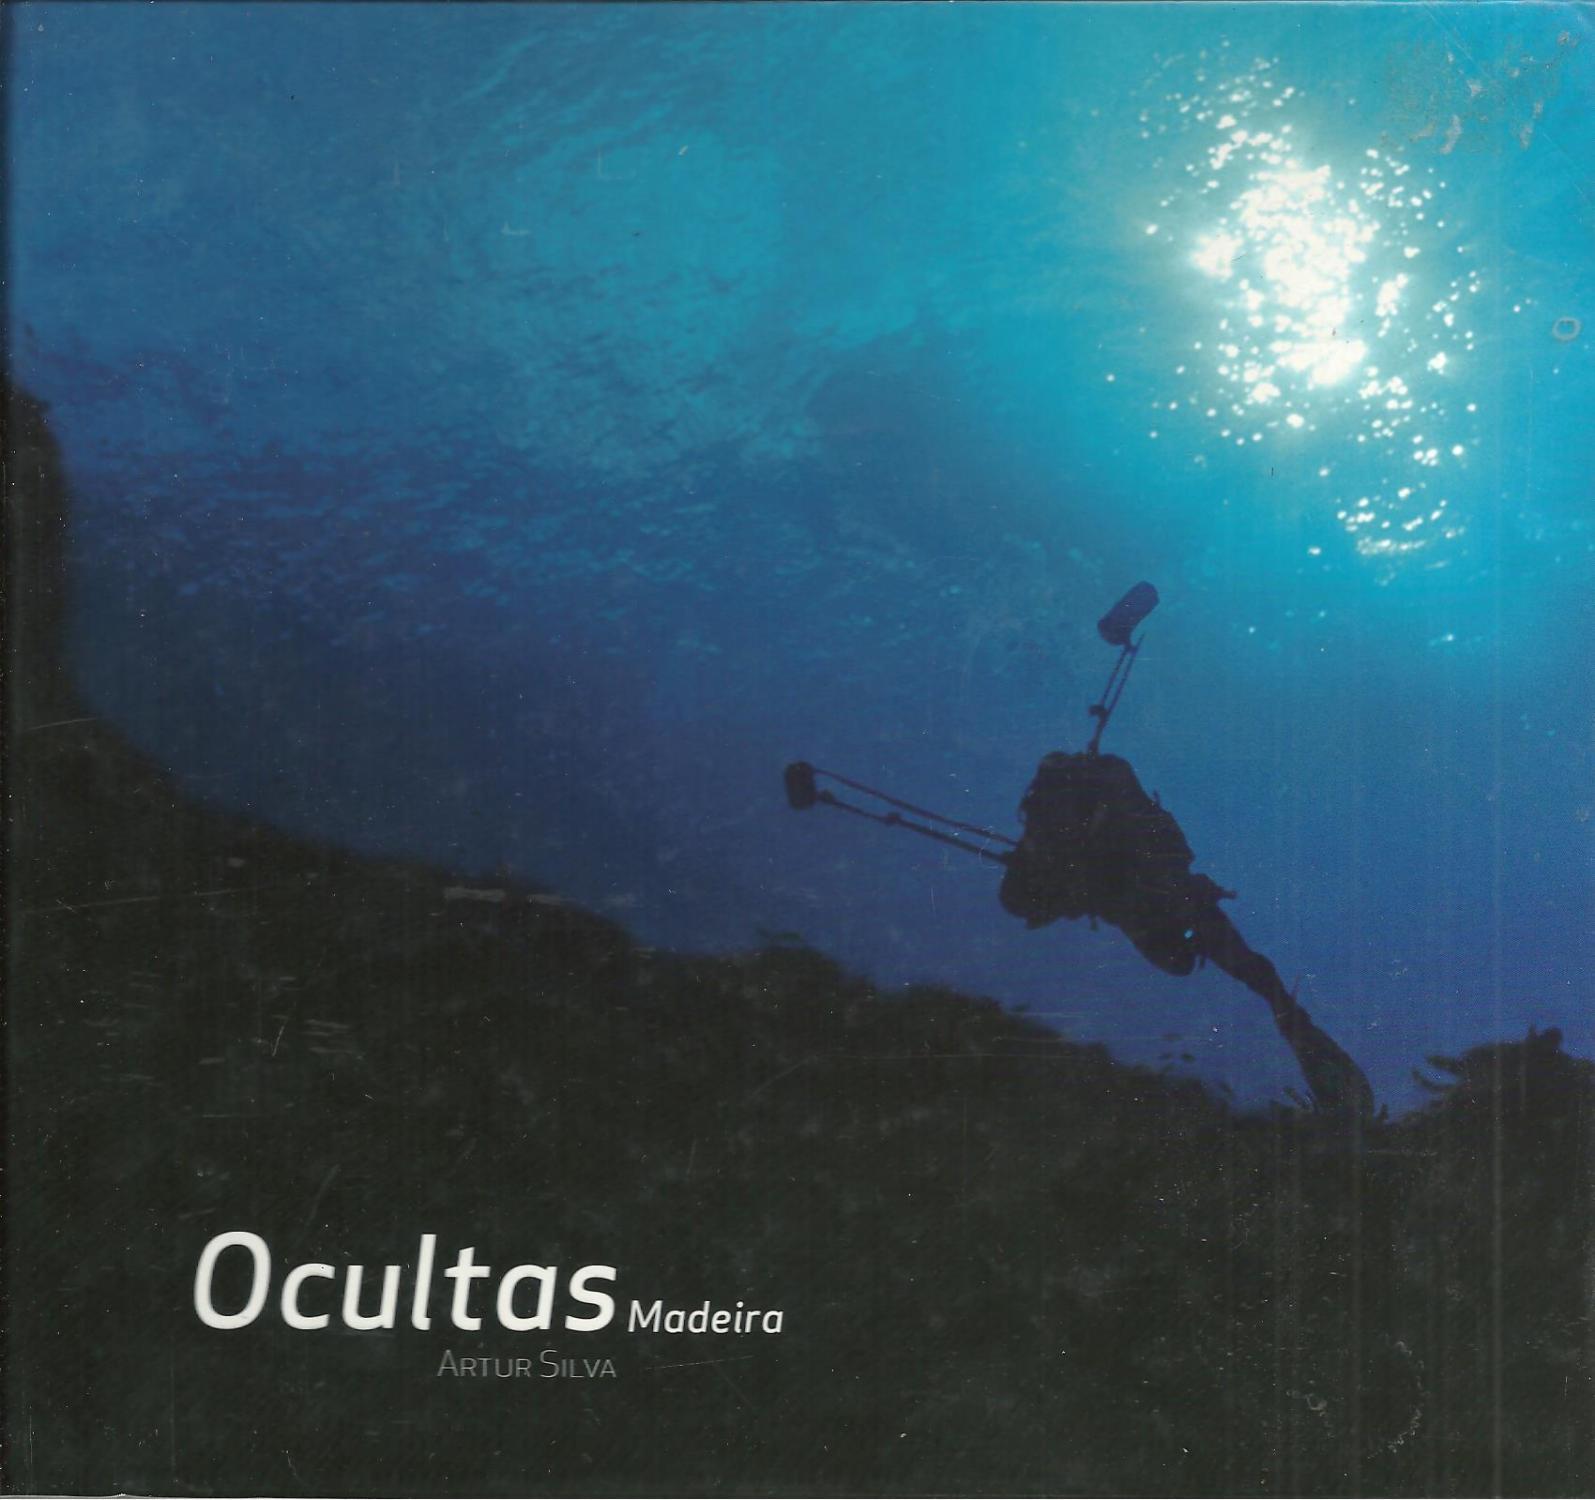 OCULTAS MADEIRA - SILVA, Artur